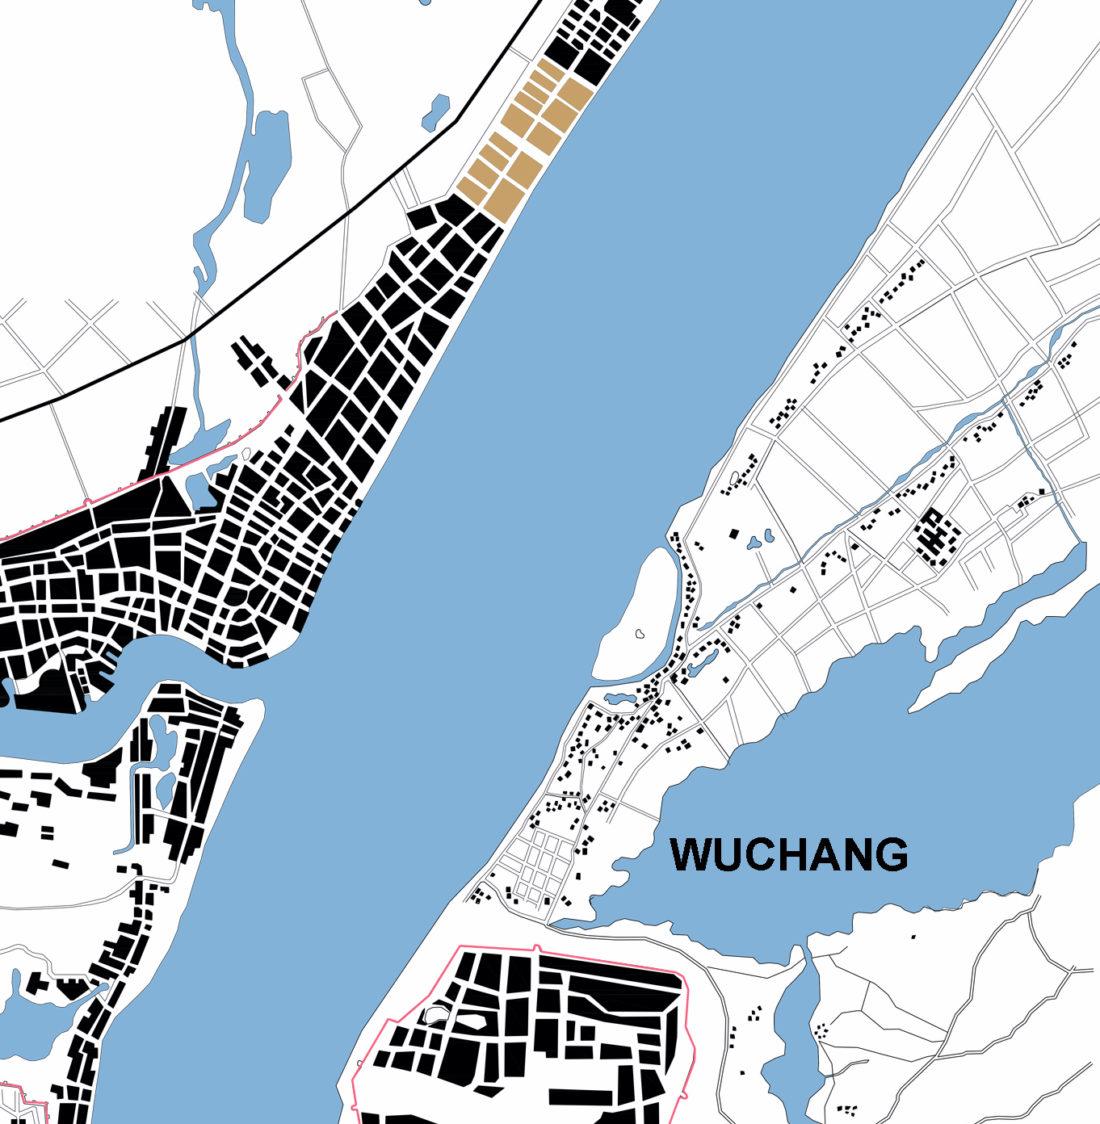 kolonial Wuhan